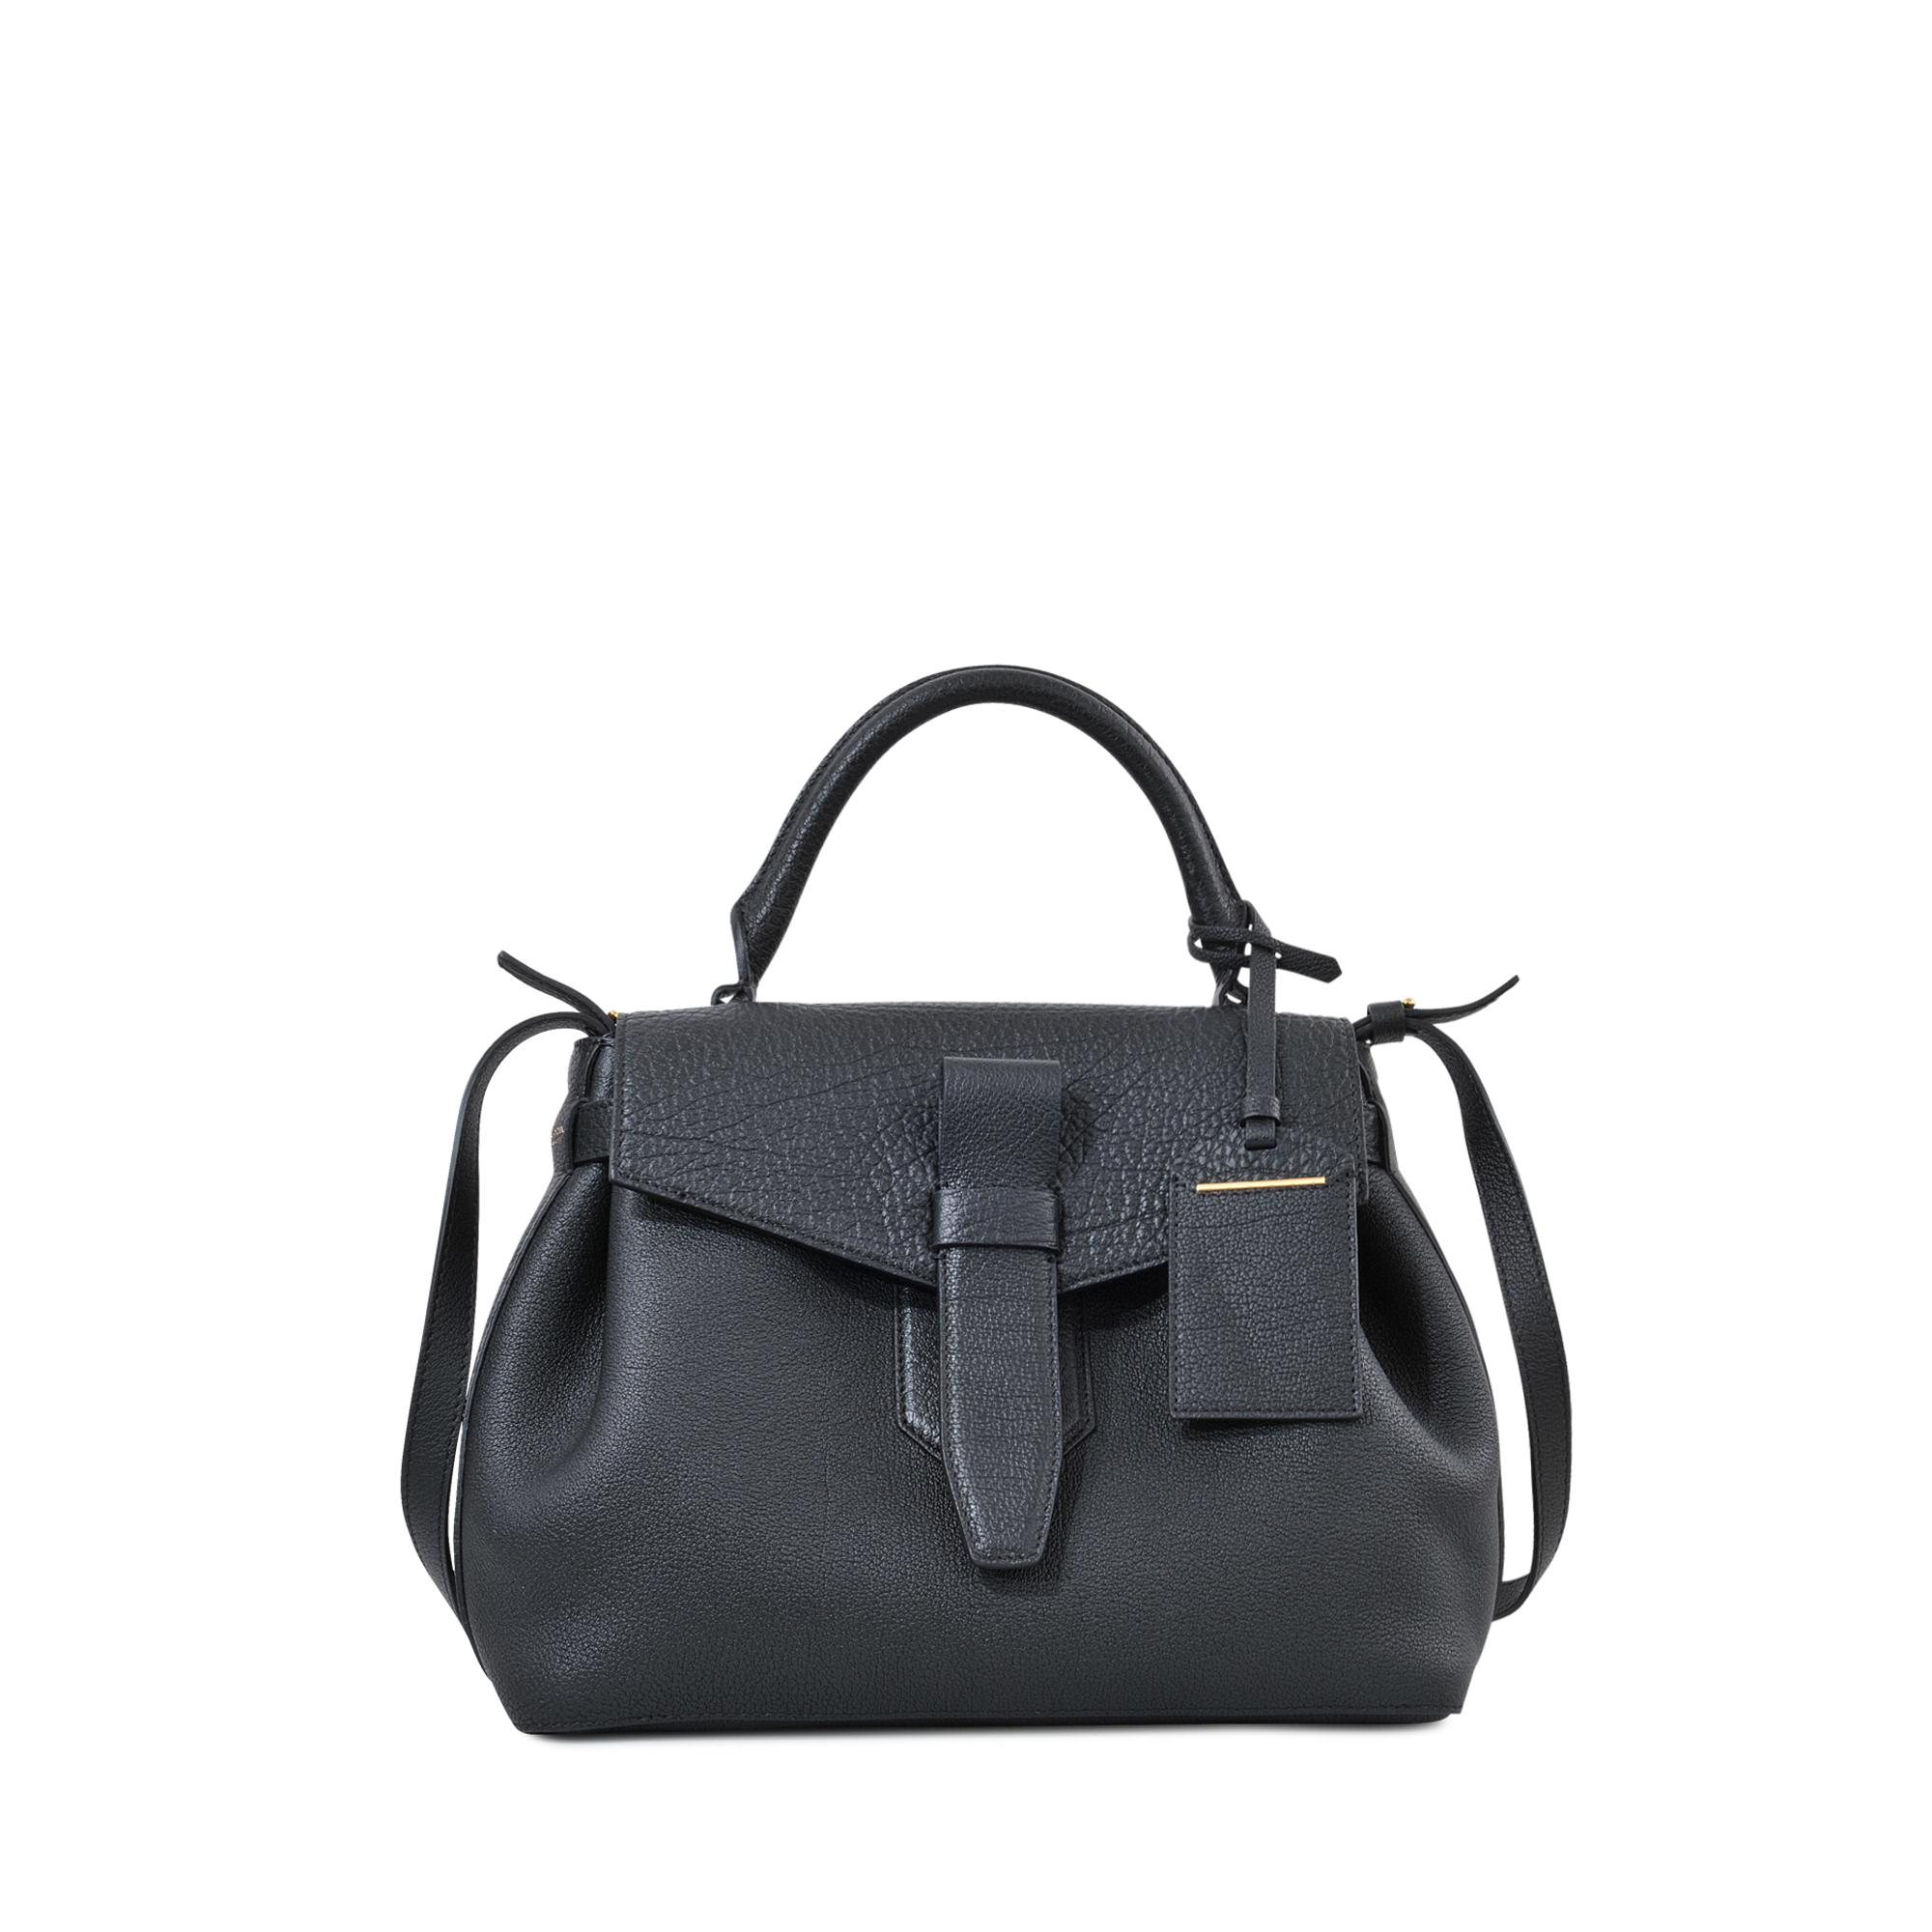 lancel charlie handbag in black lyst. Black Bedroom Furniture Sets. Home Design Ideas